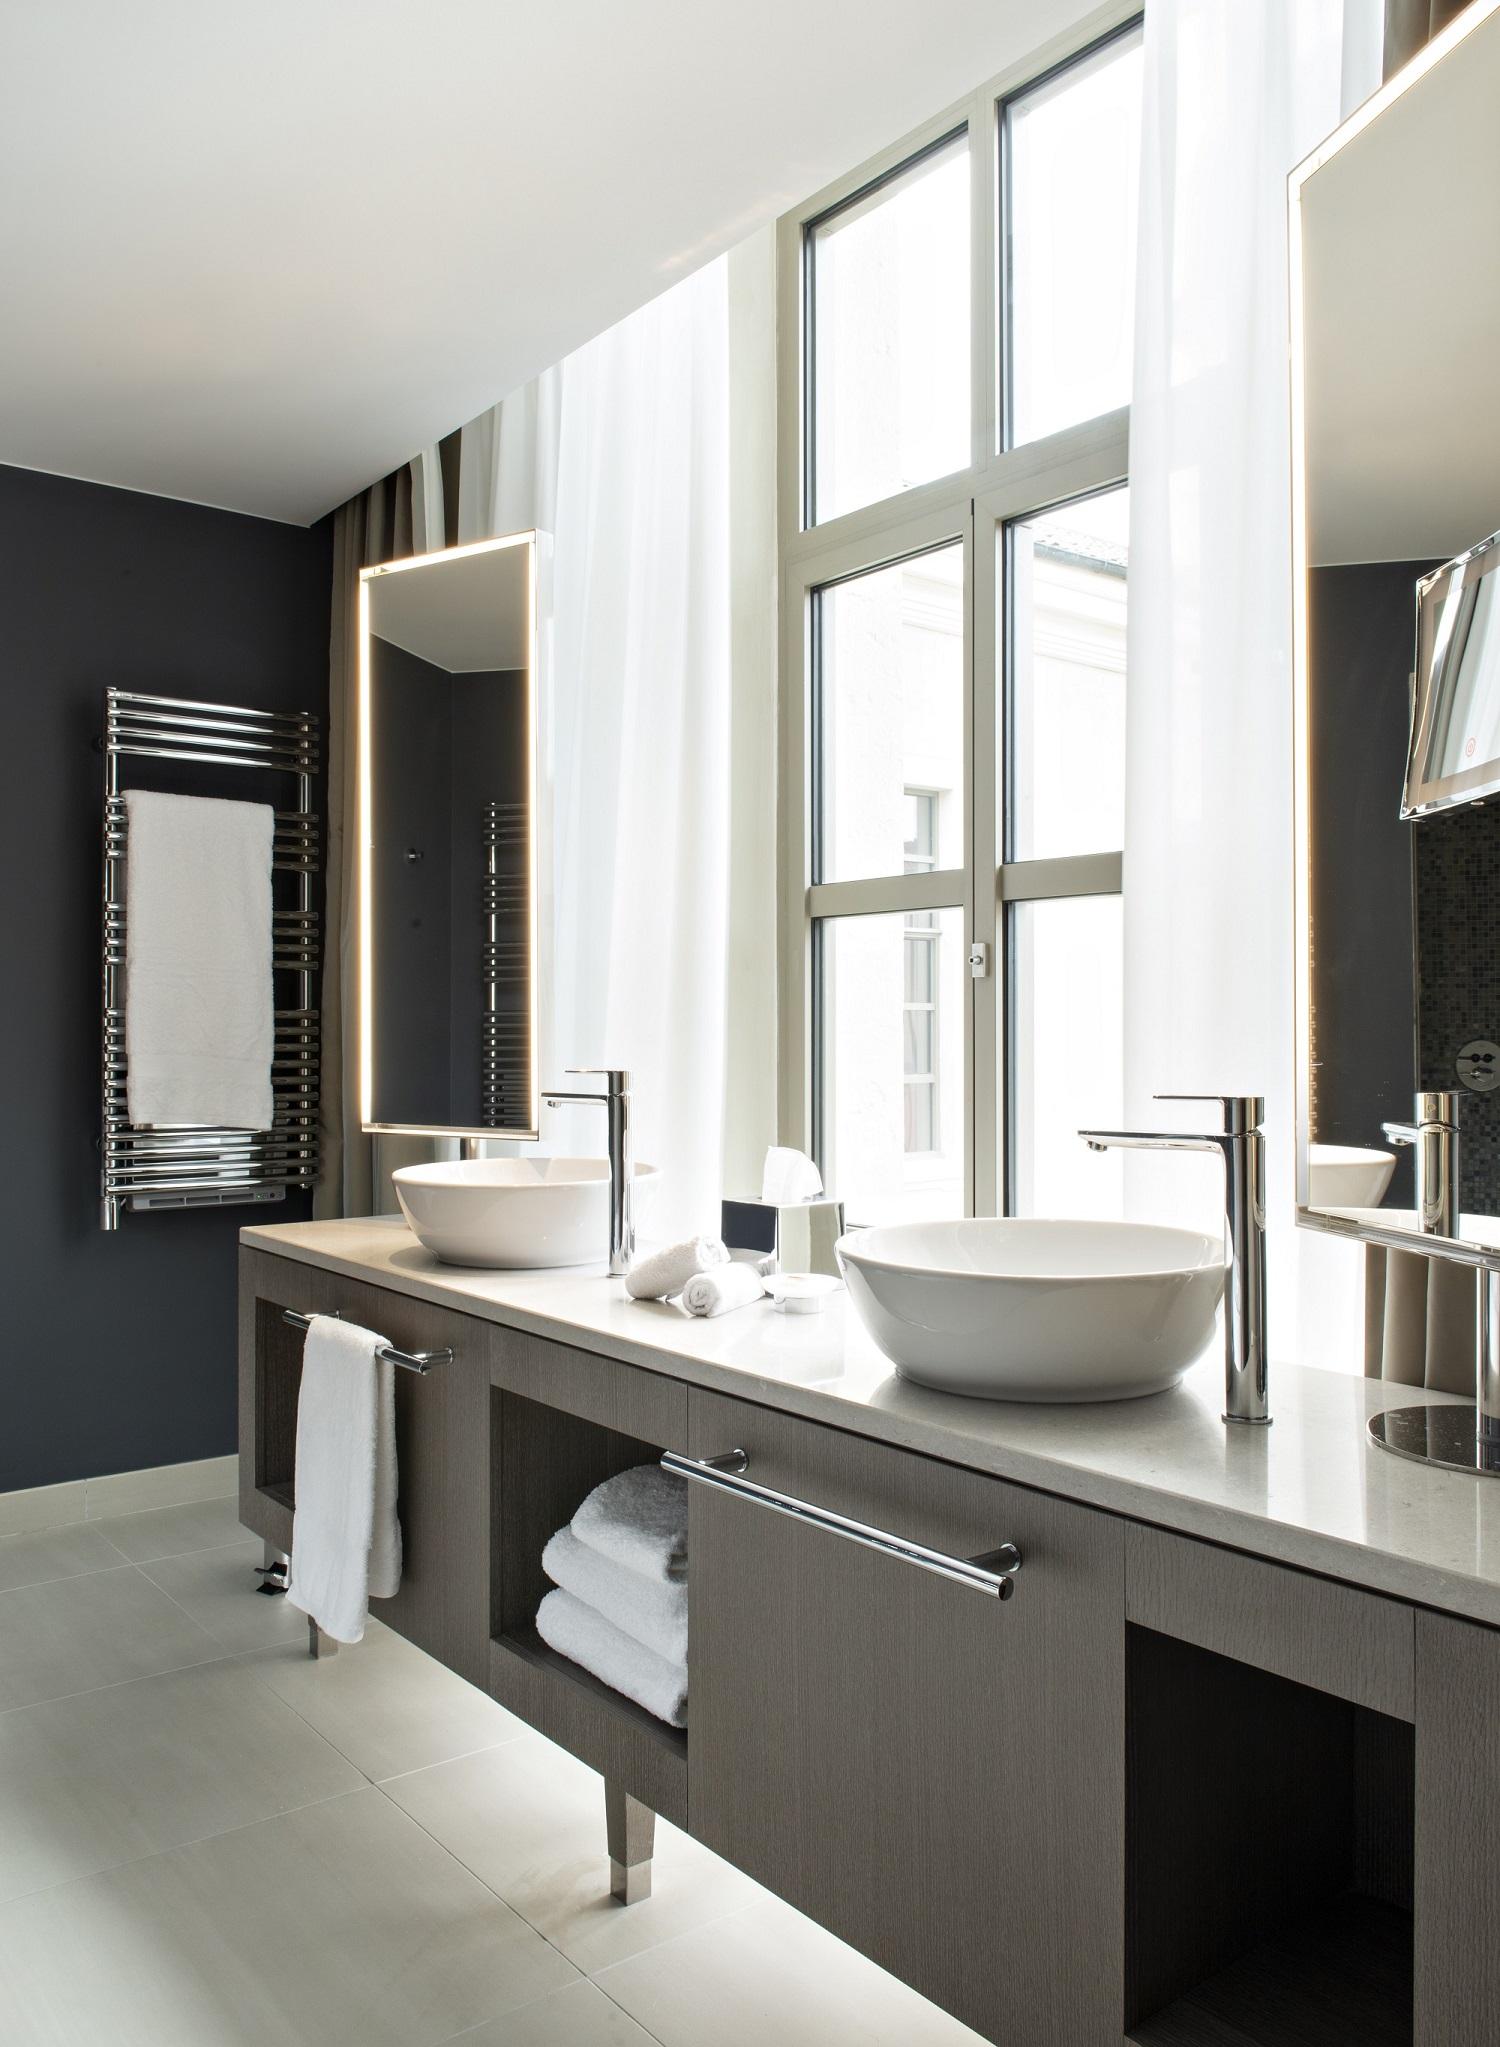 Bathroom - Deluxe room (c)STUDIO JEAN-PHILIPPE NUEL